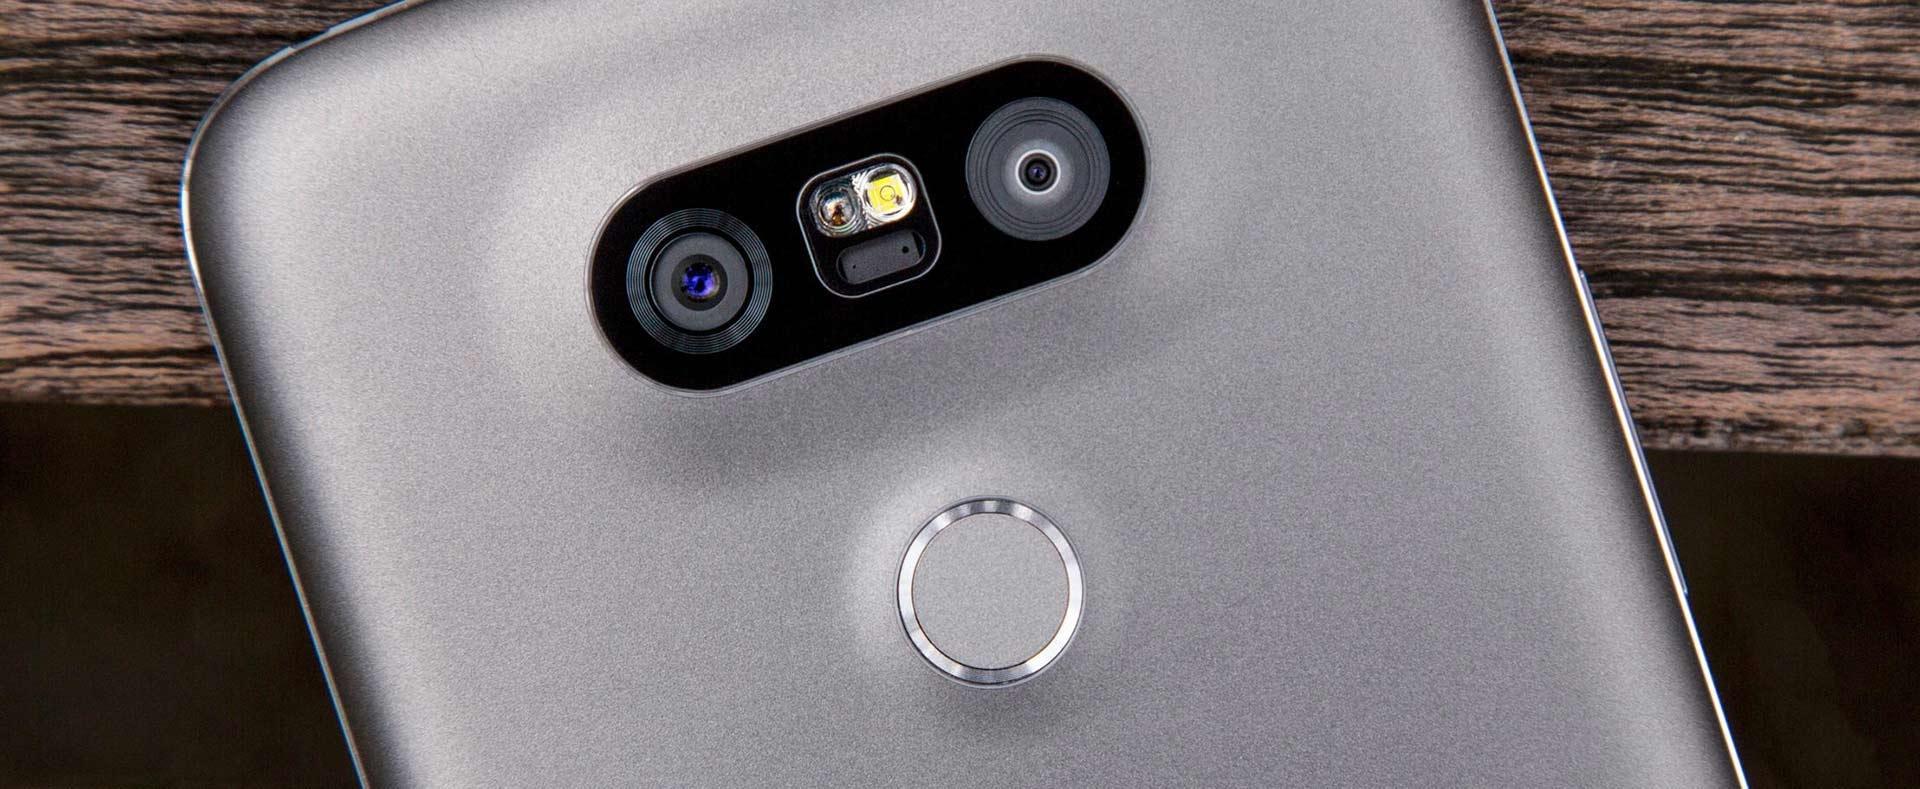 Телефоны с двойной камерой: 15 лучших моделей, чтобы купить прямо сейчас